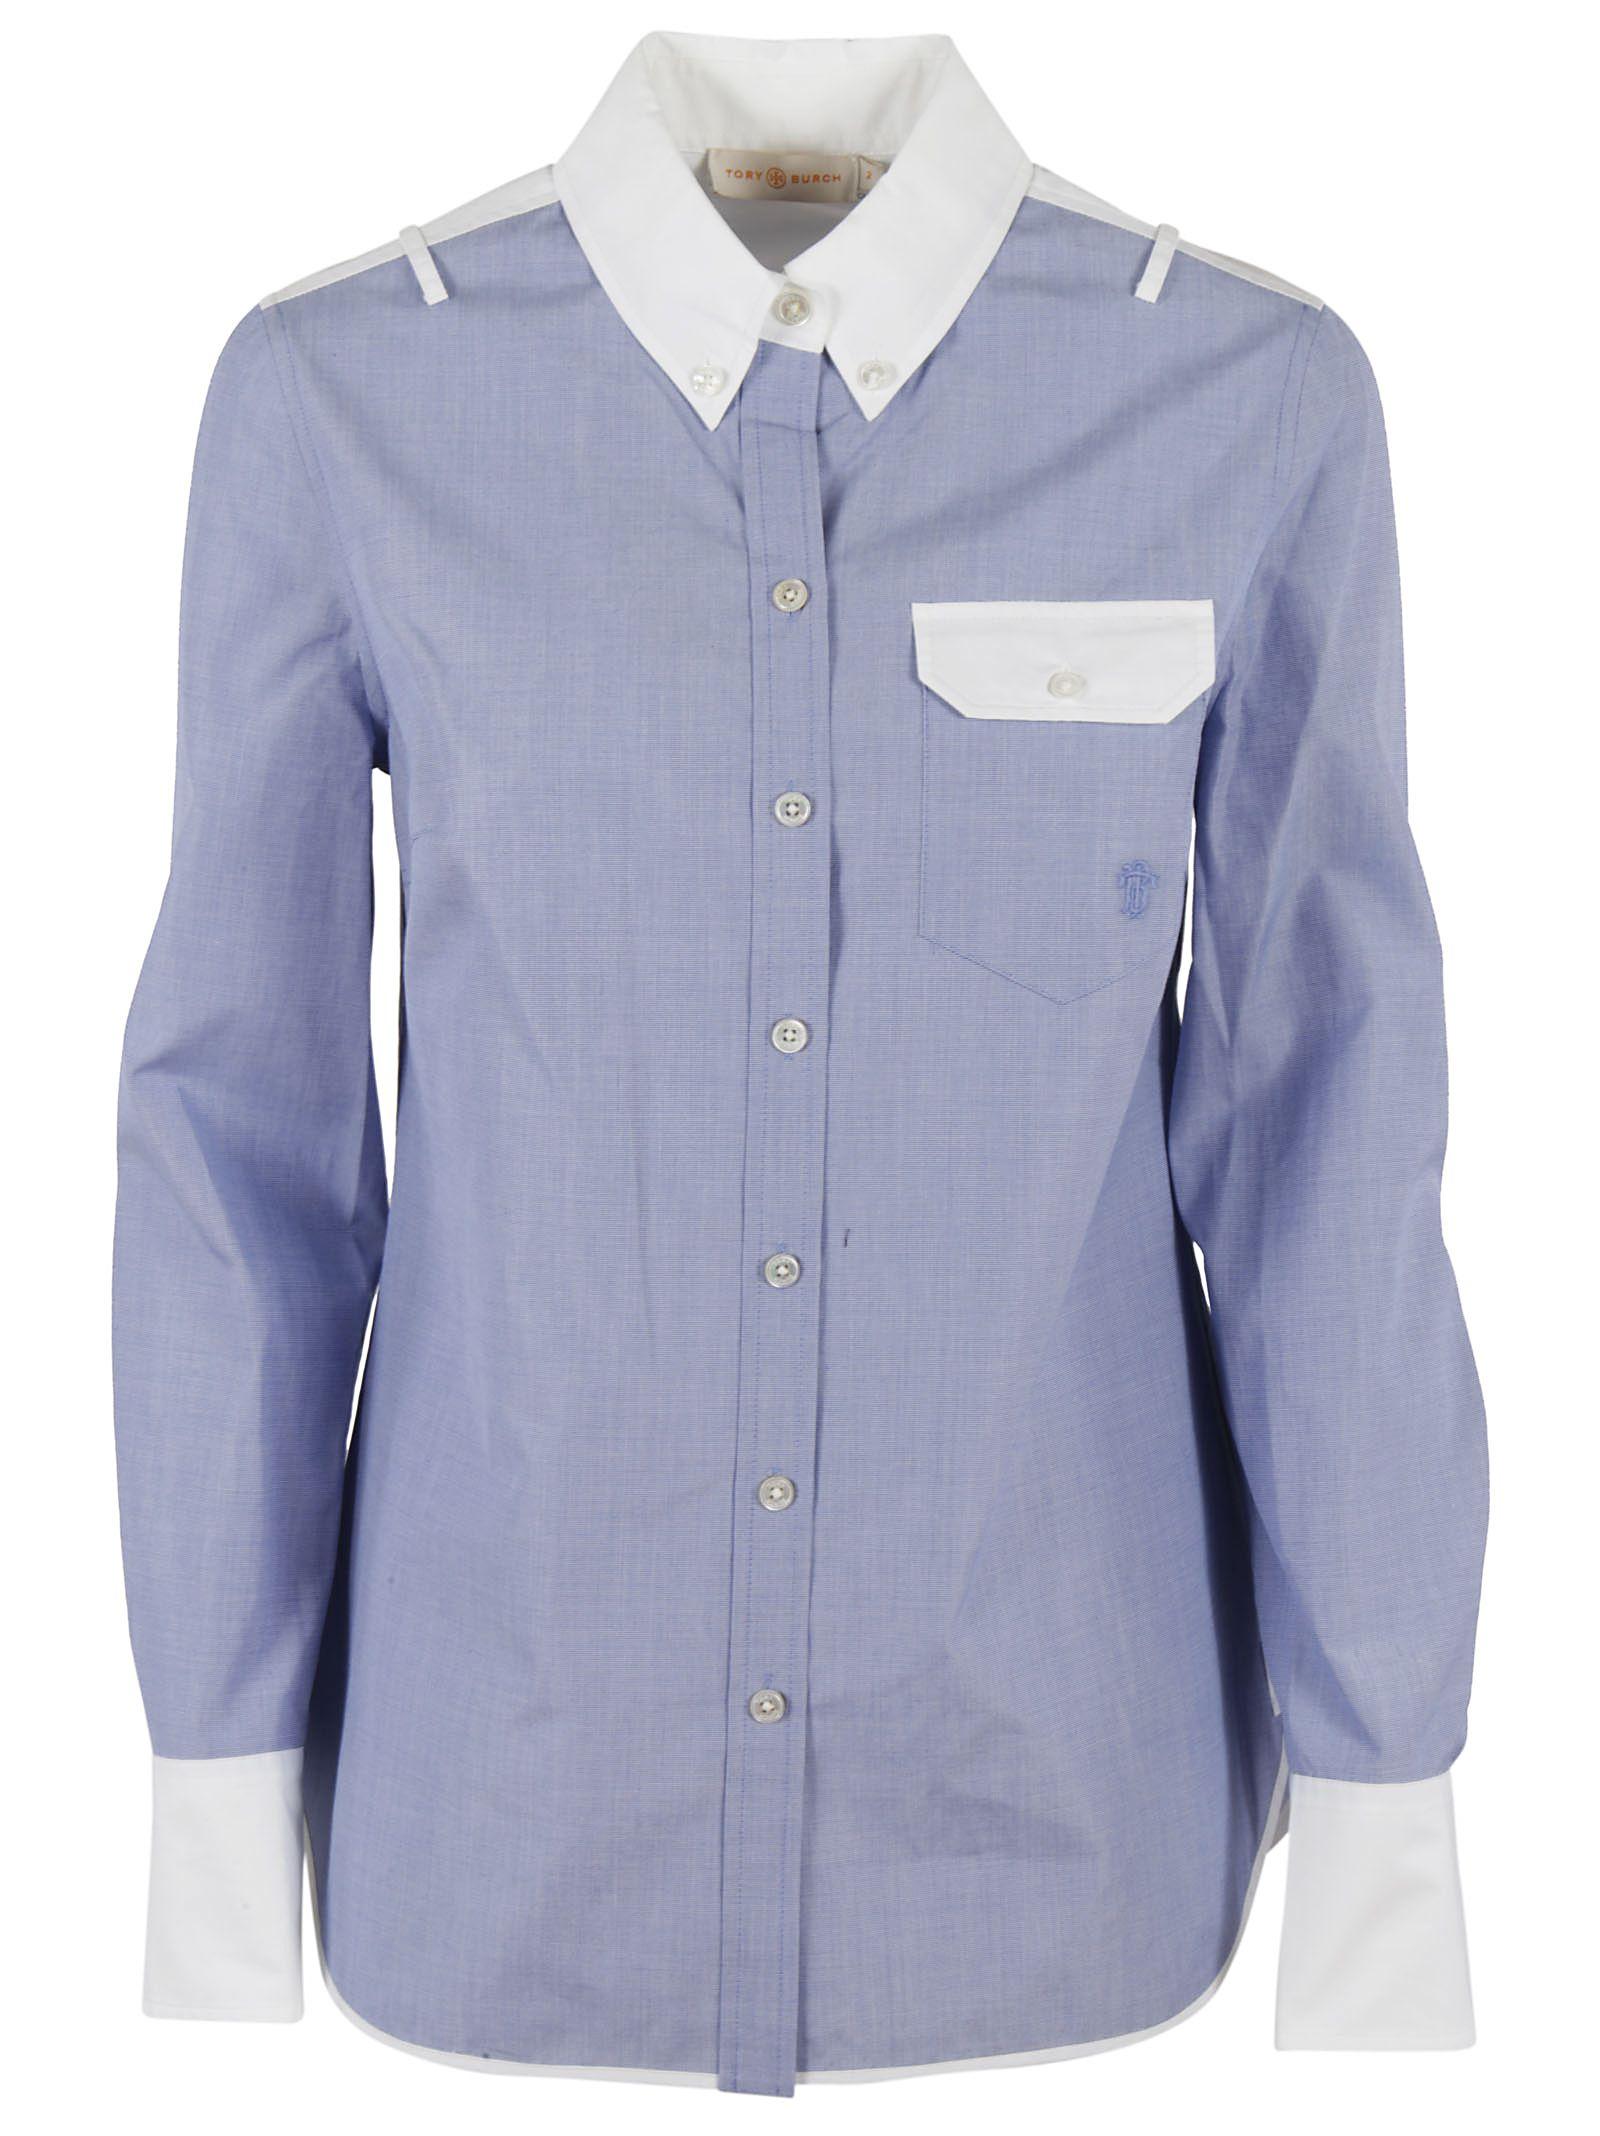 Tory Burch Button Down Shirt